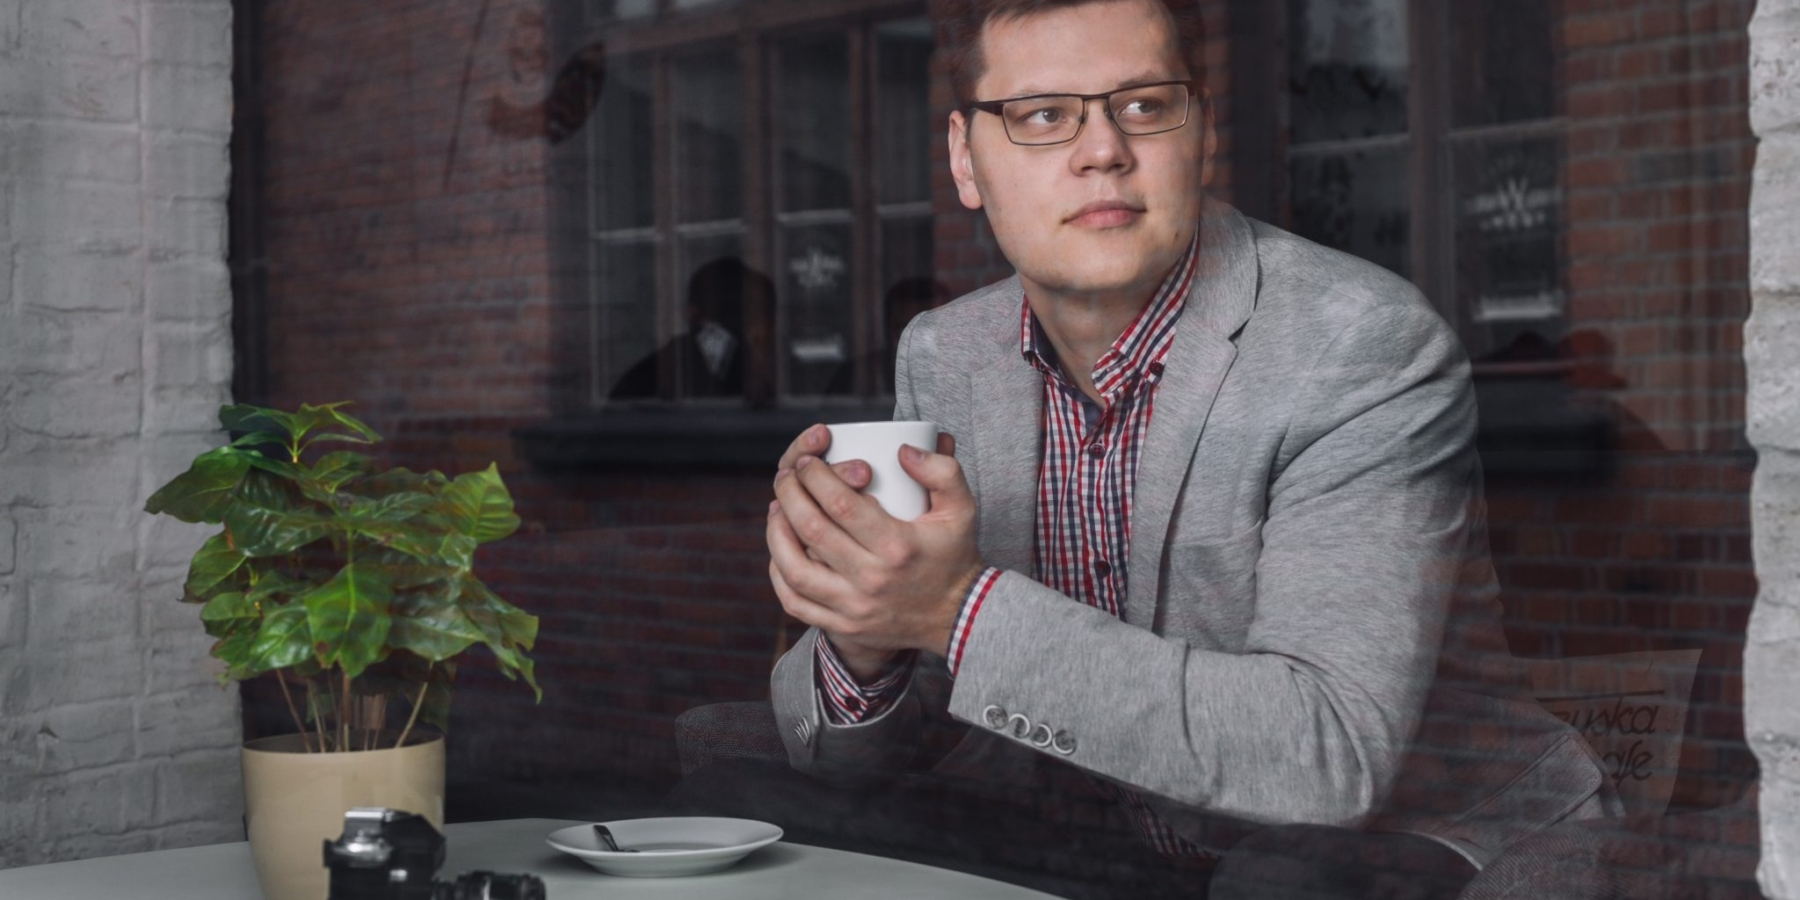 Wywiad zMichałem Barczakiem (GeekWork.pl) – wkurza mnie ciągłe narzekanie wPolsce!